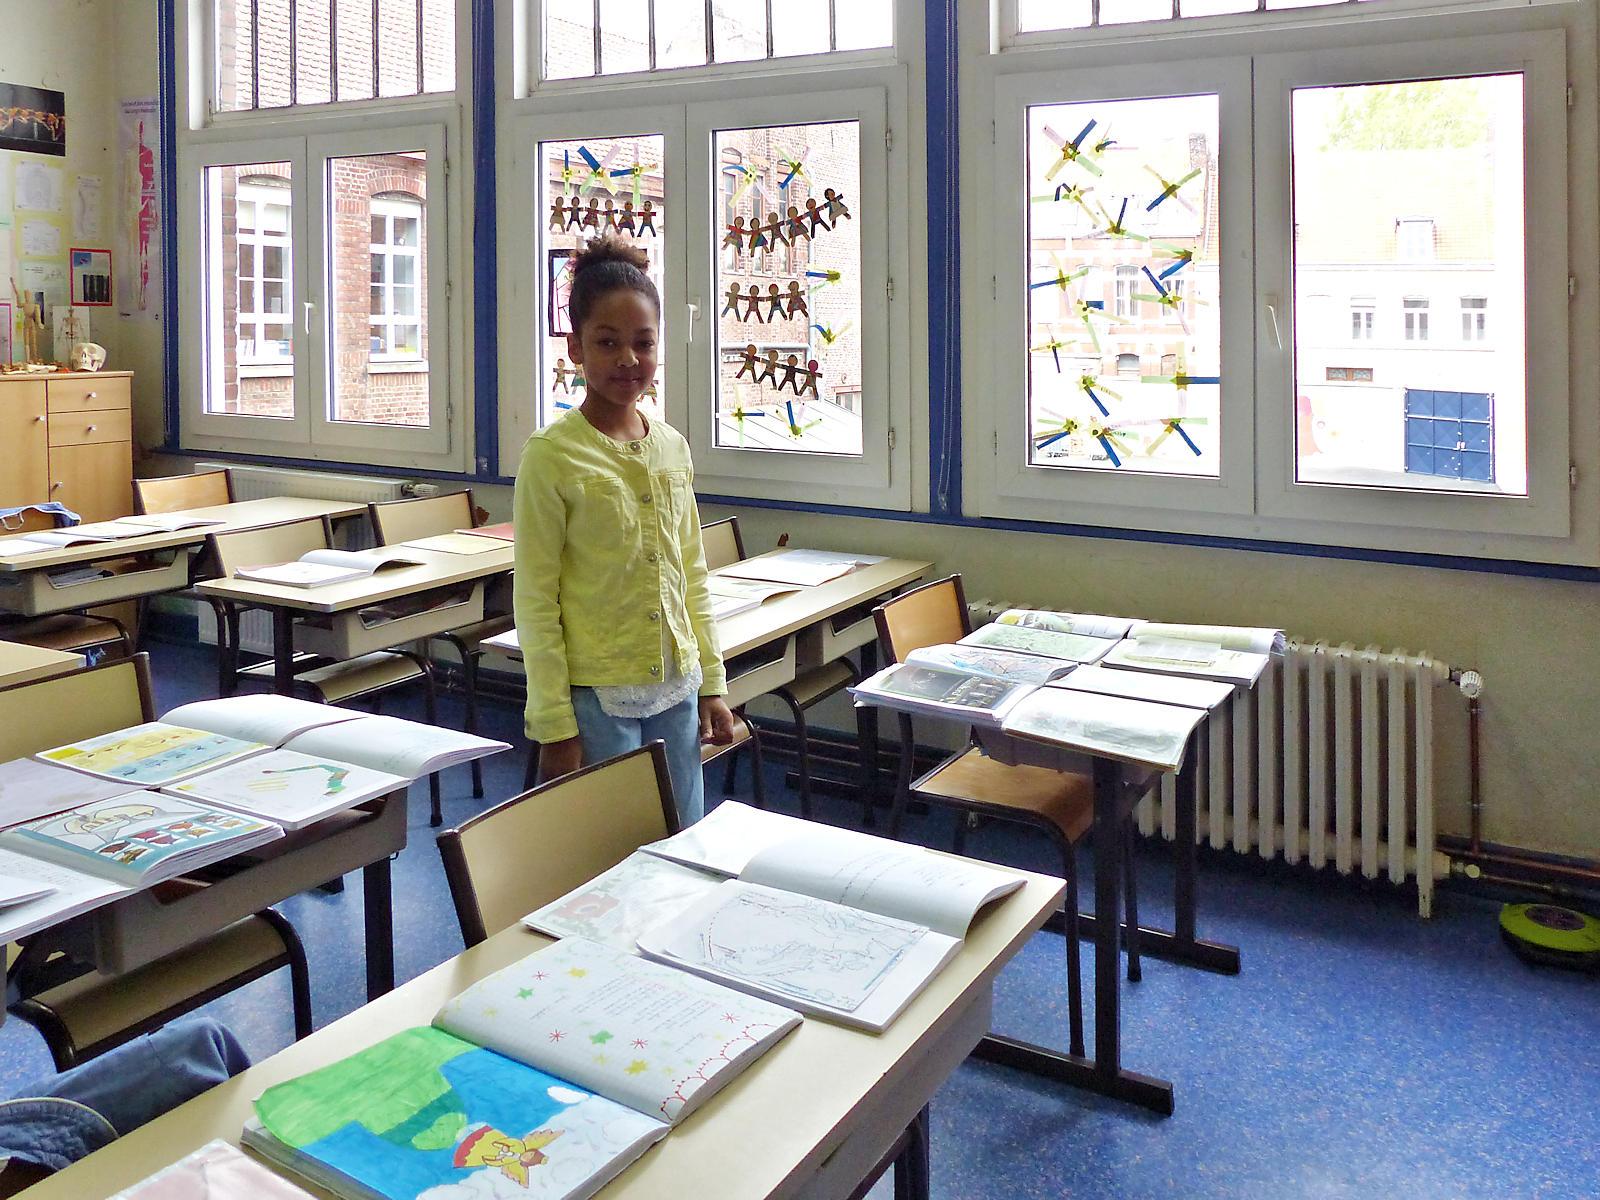 École primaire CNDI, Tourcoing - Salle de classe